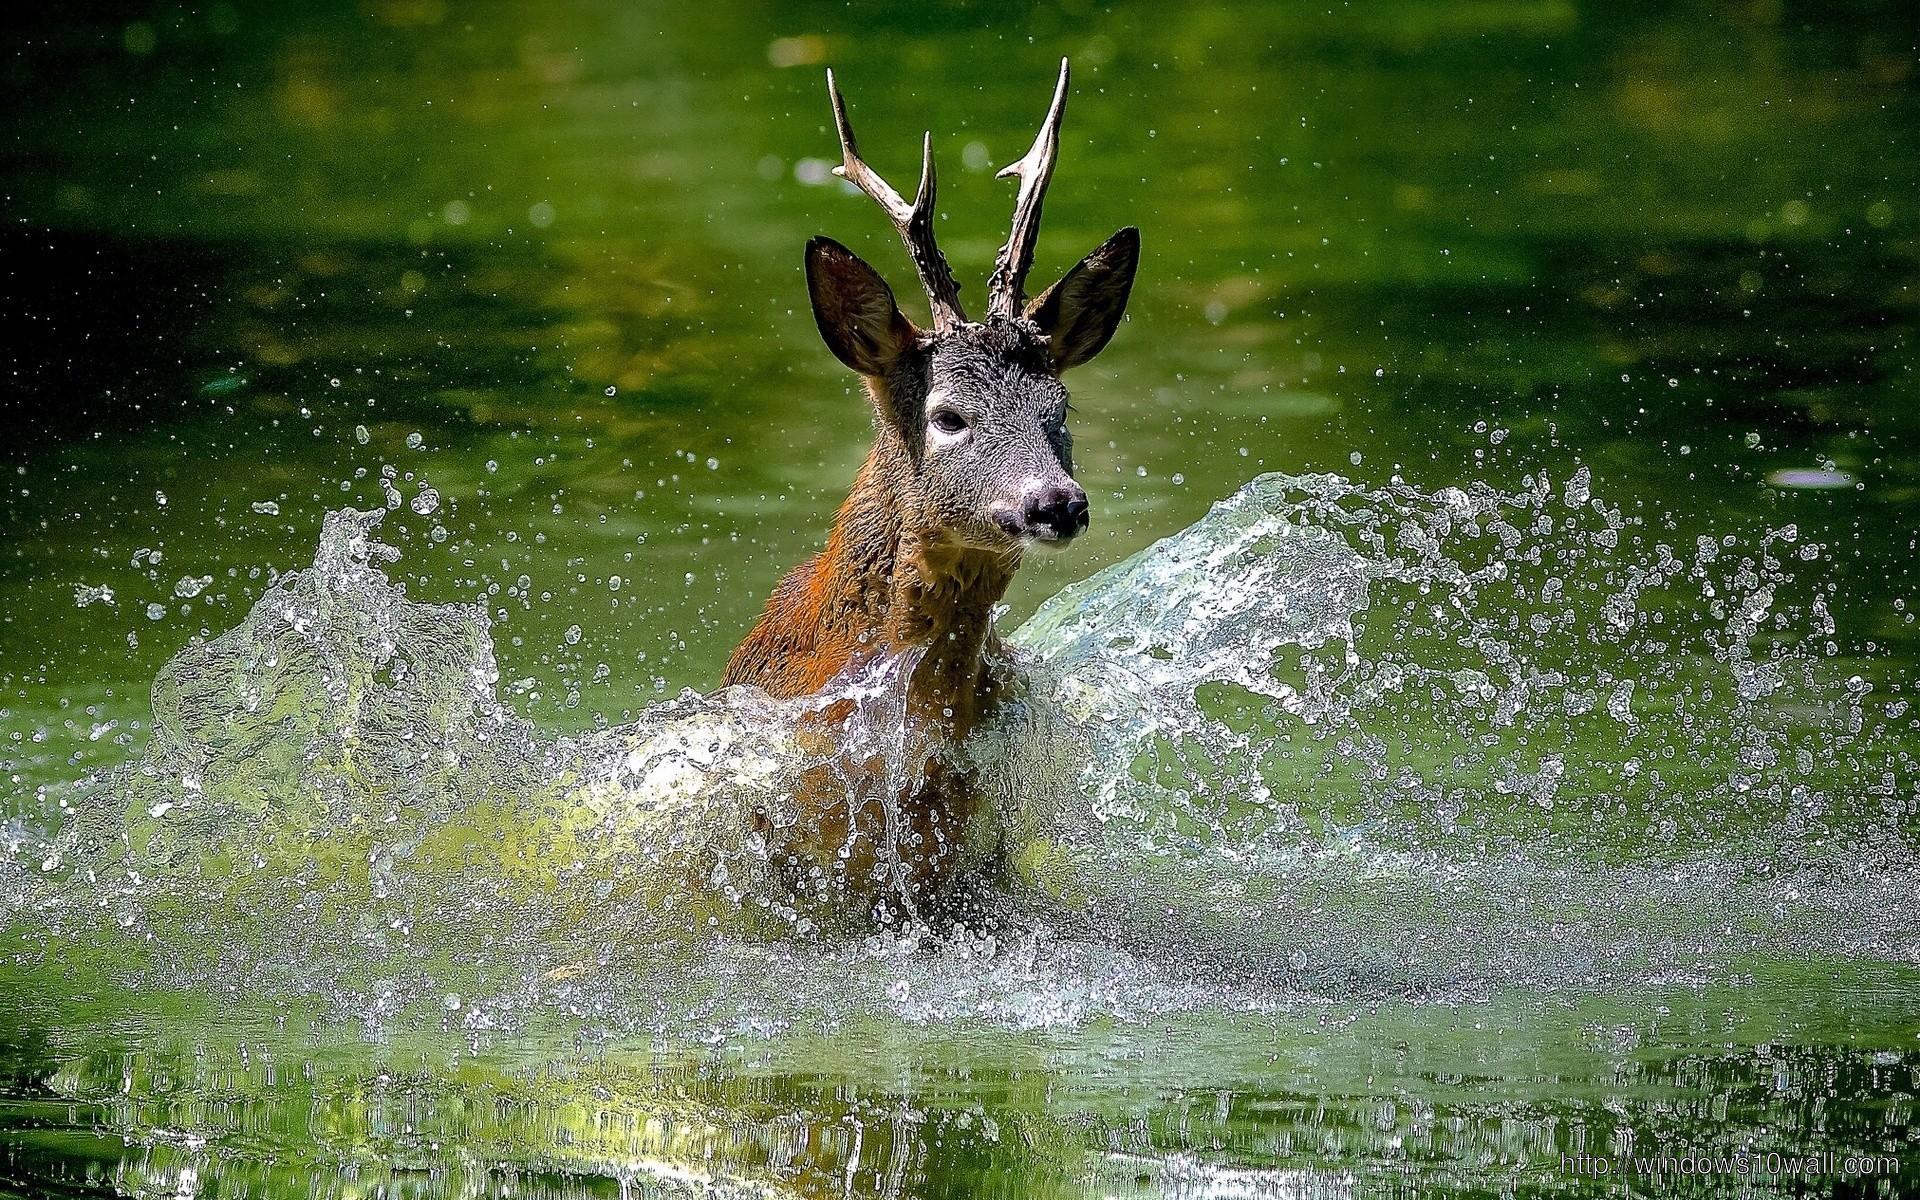 Deer In River Water Splash Wallpaper